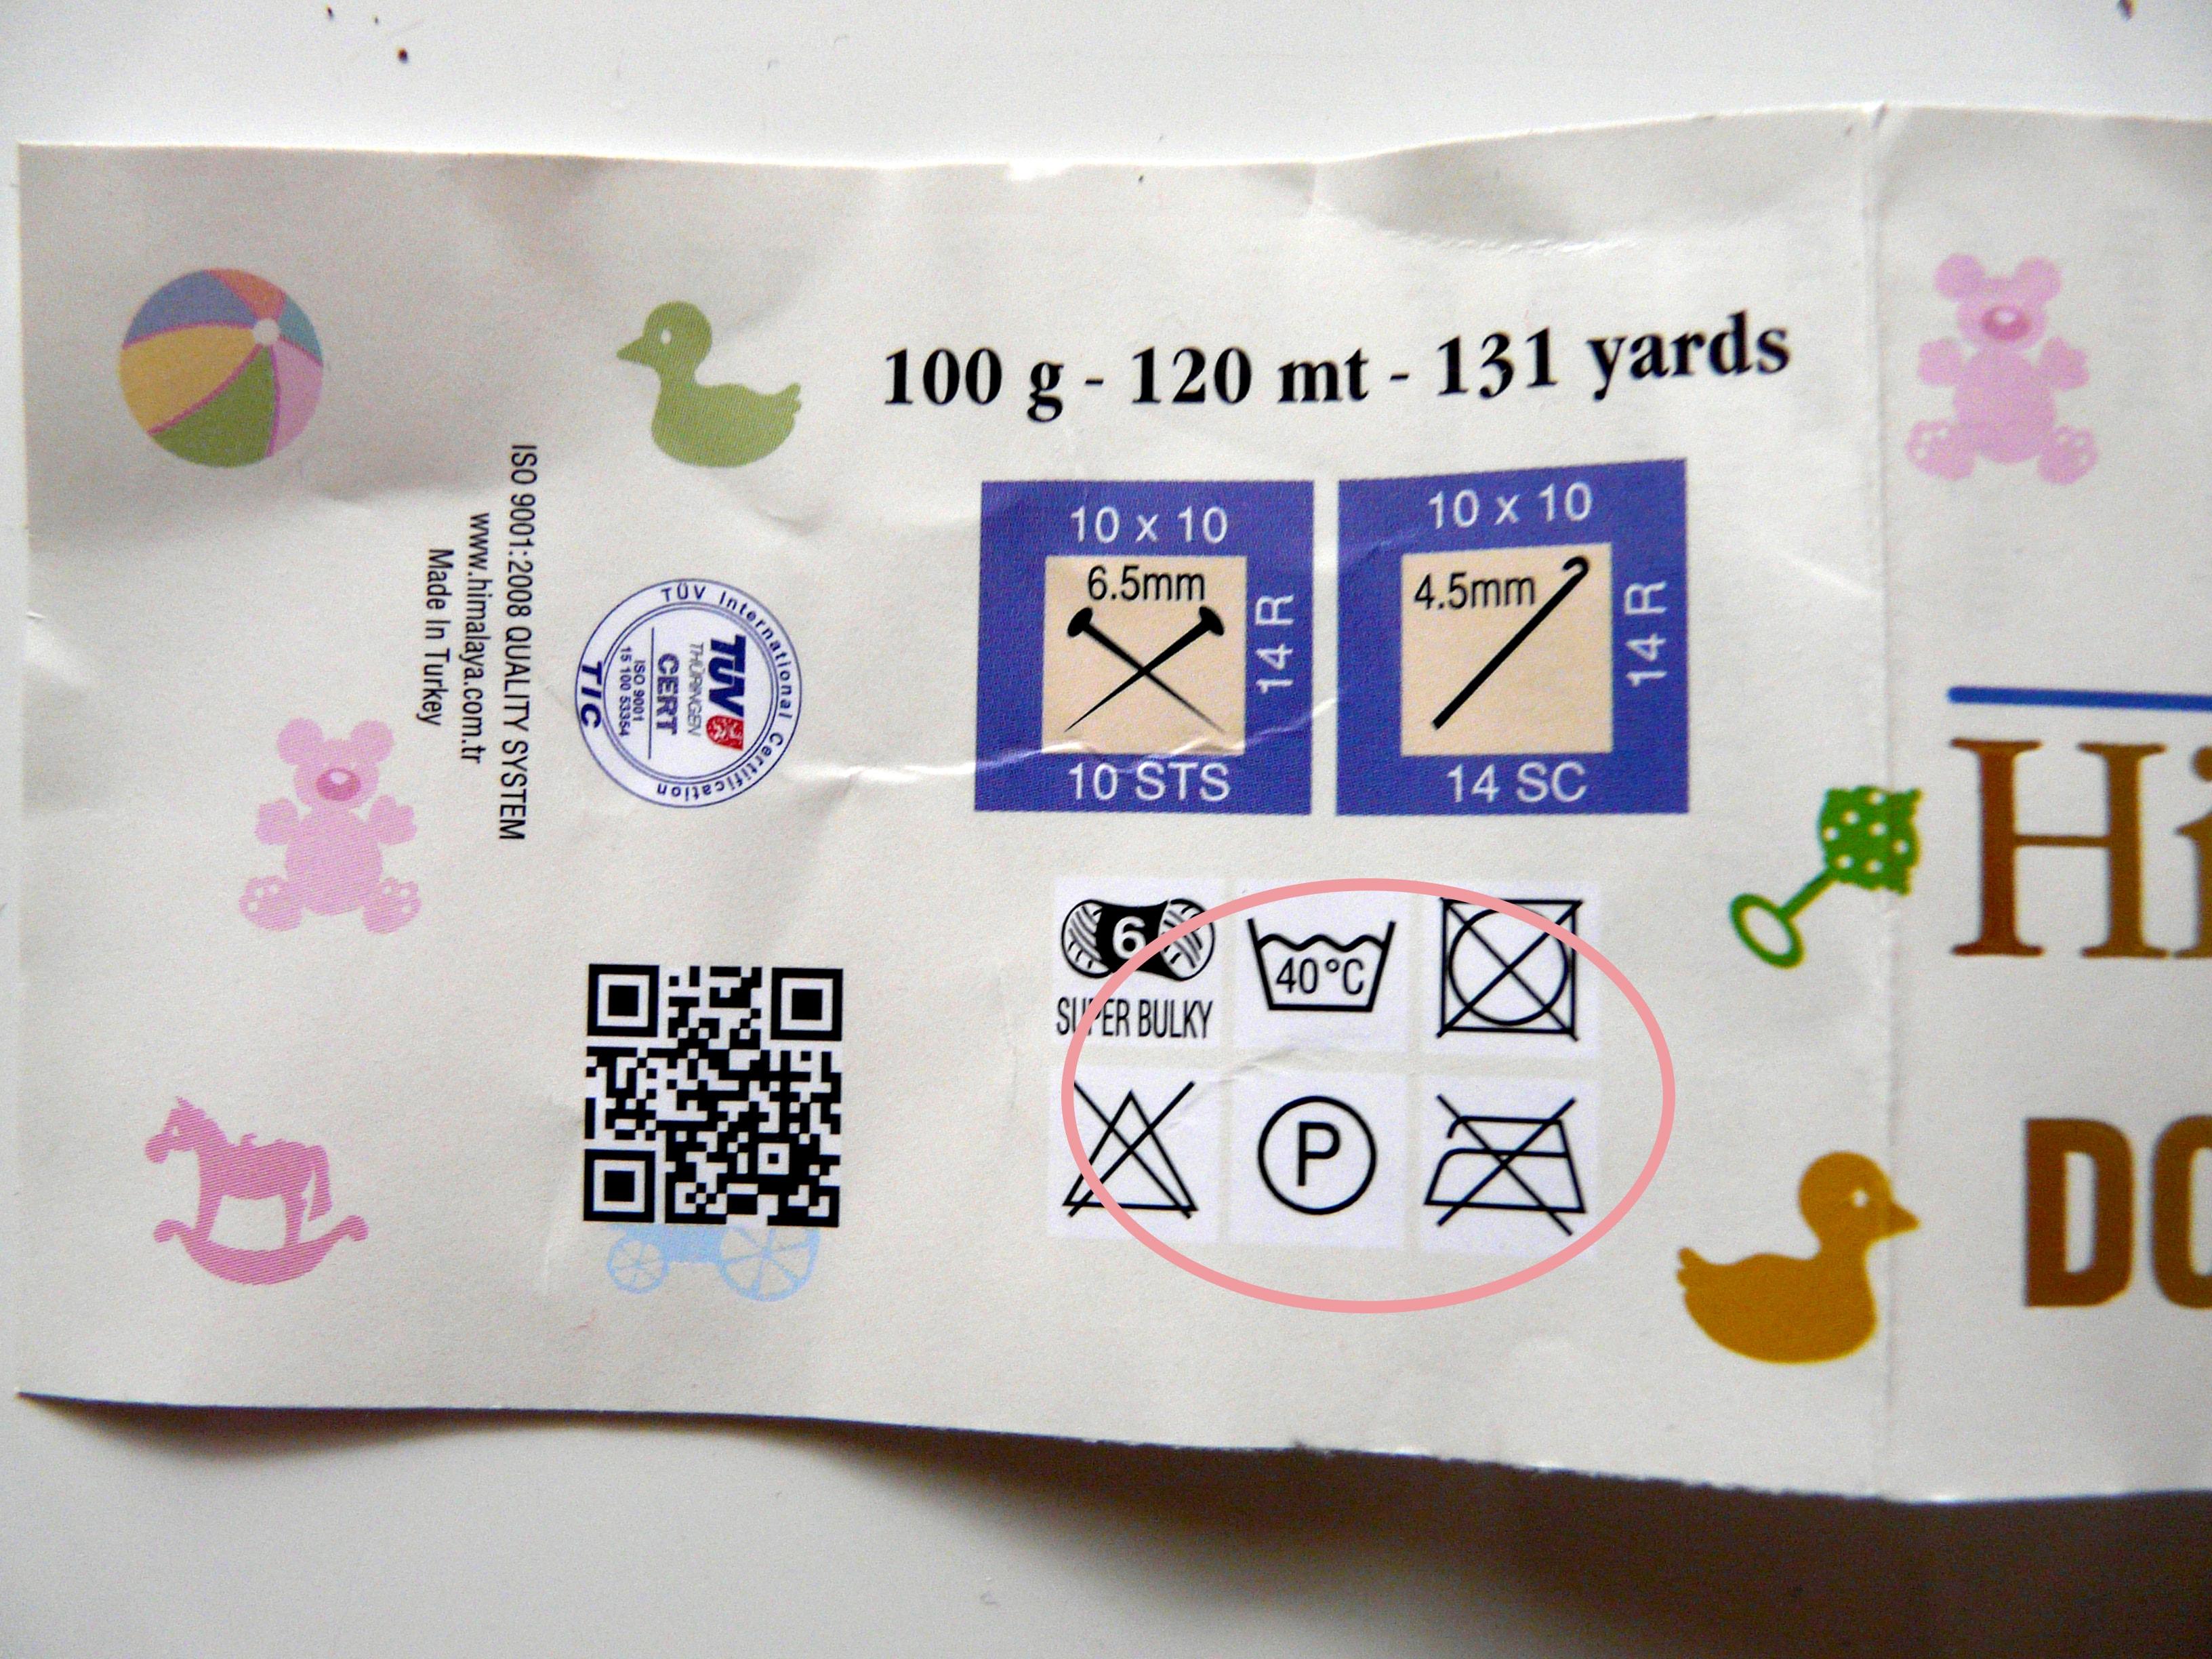 jak czytac banderole - instrukcja prania